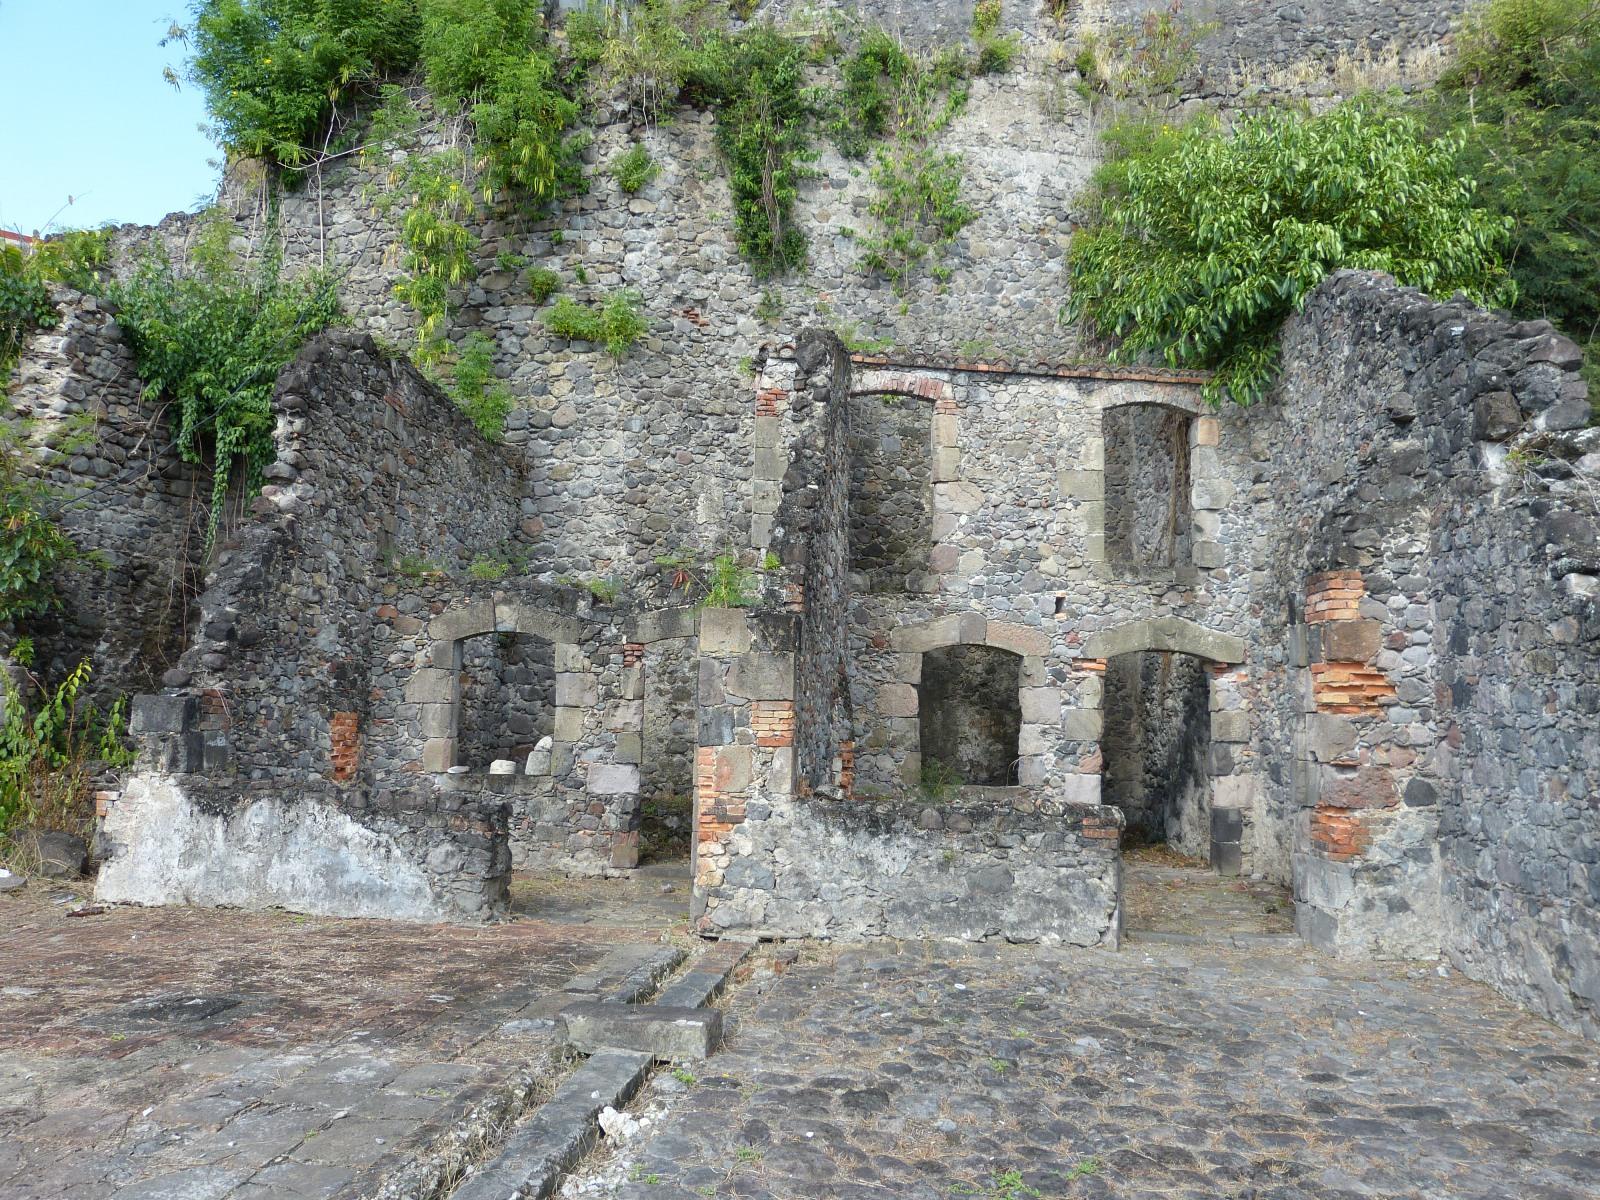 שרידי בניינים מהעיר סנט פייר